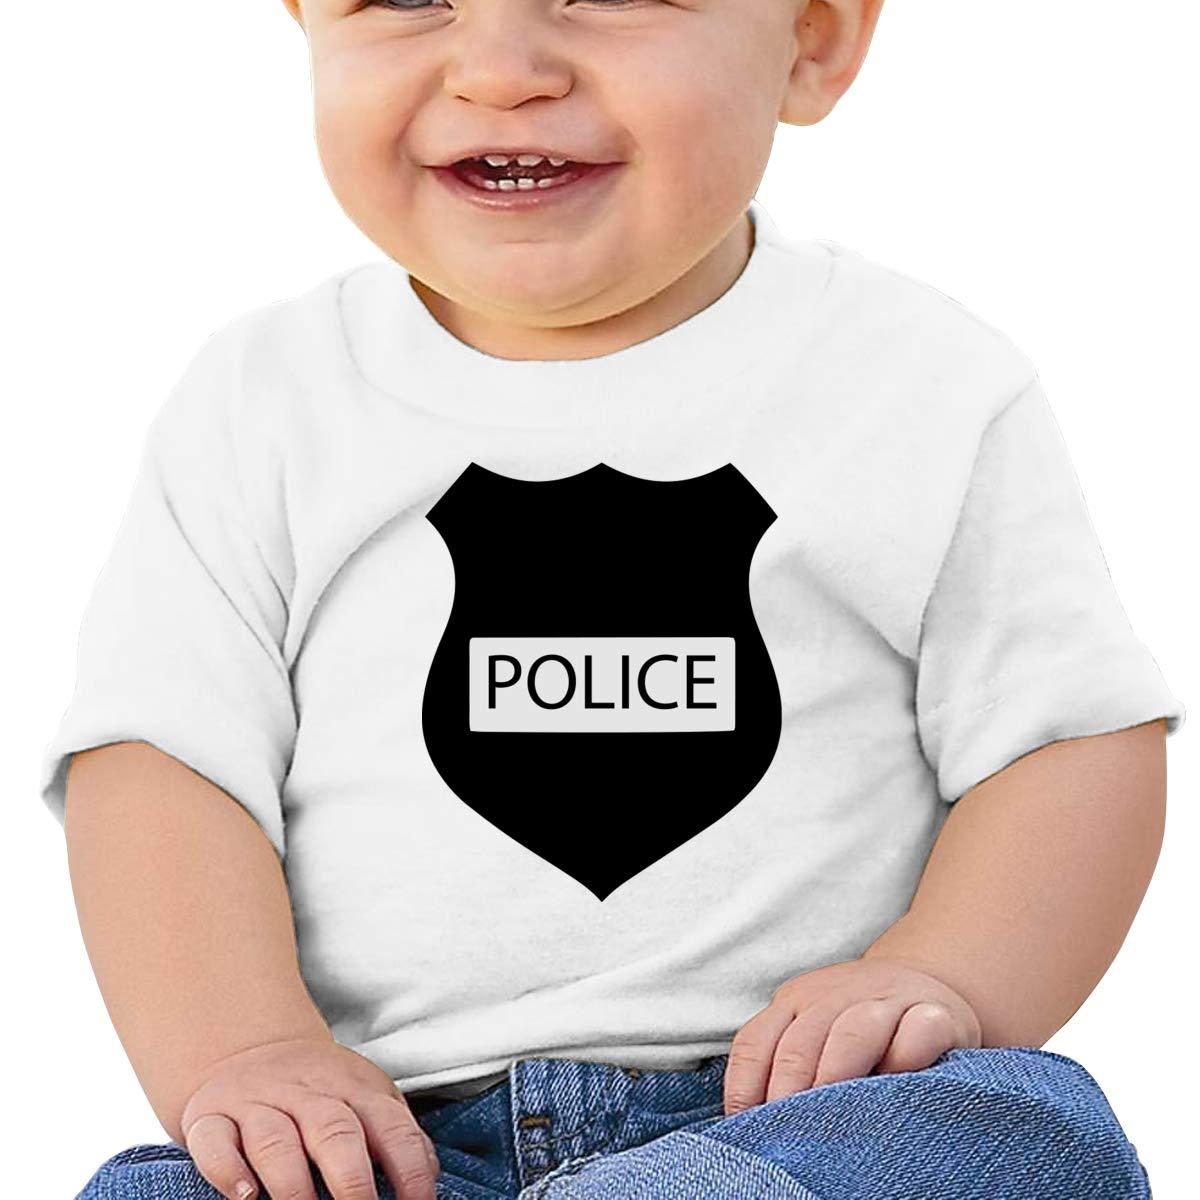 Qiop Nee Trust Police Black Short Sleeves Tee Baby Boy